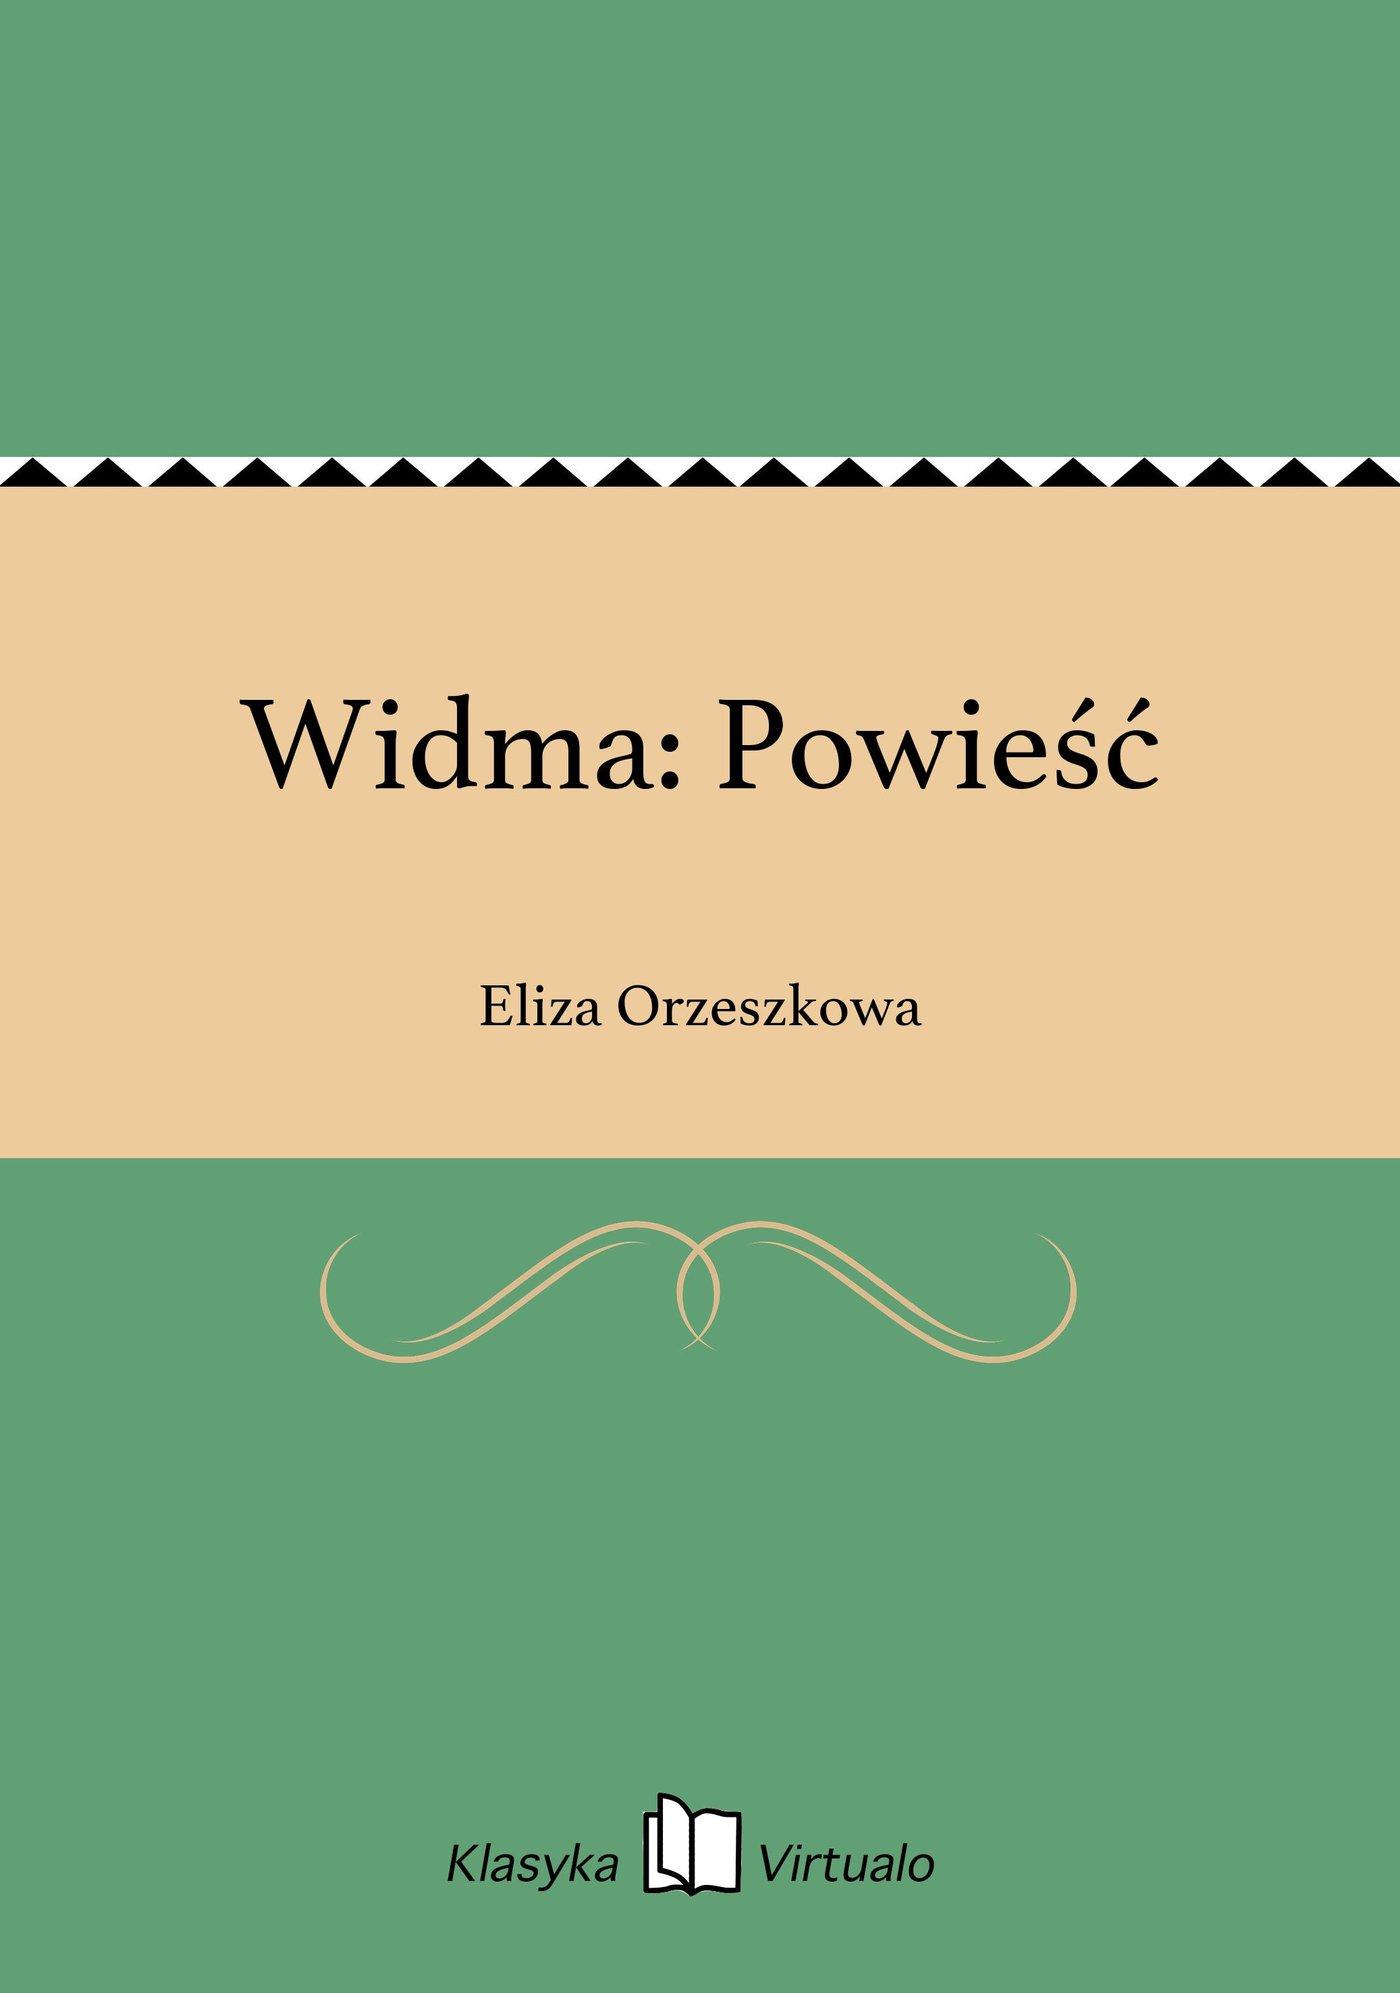 Widma: Powieść - Ebook (Książka EPUB) do pobrania w formacie EPUB